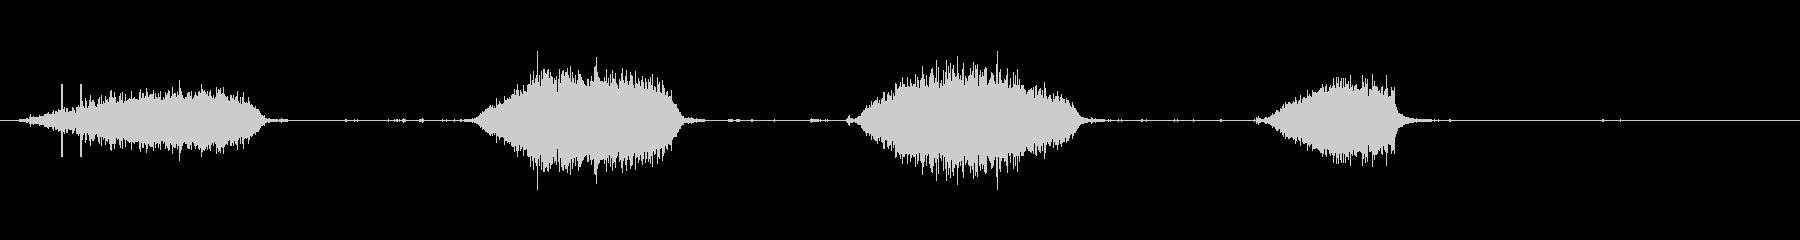 大:ドローオープン、複数のプルベネ...の未再生の波形